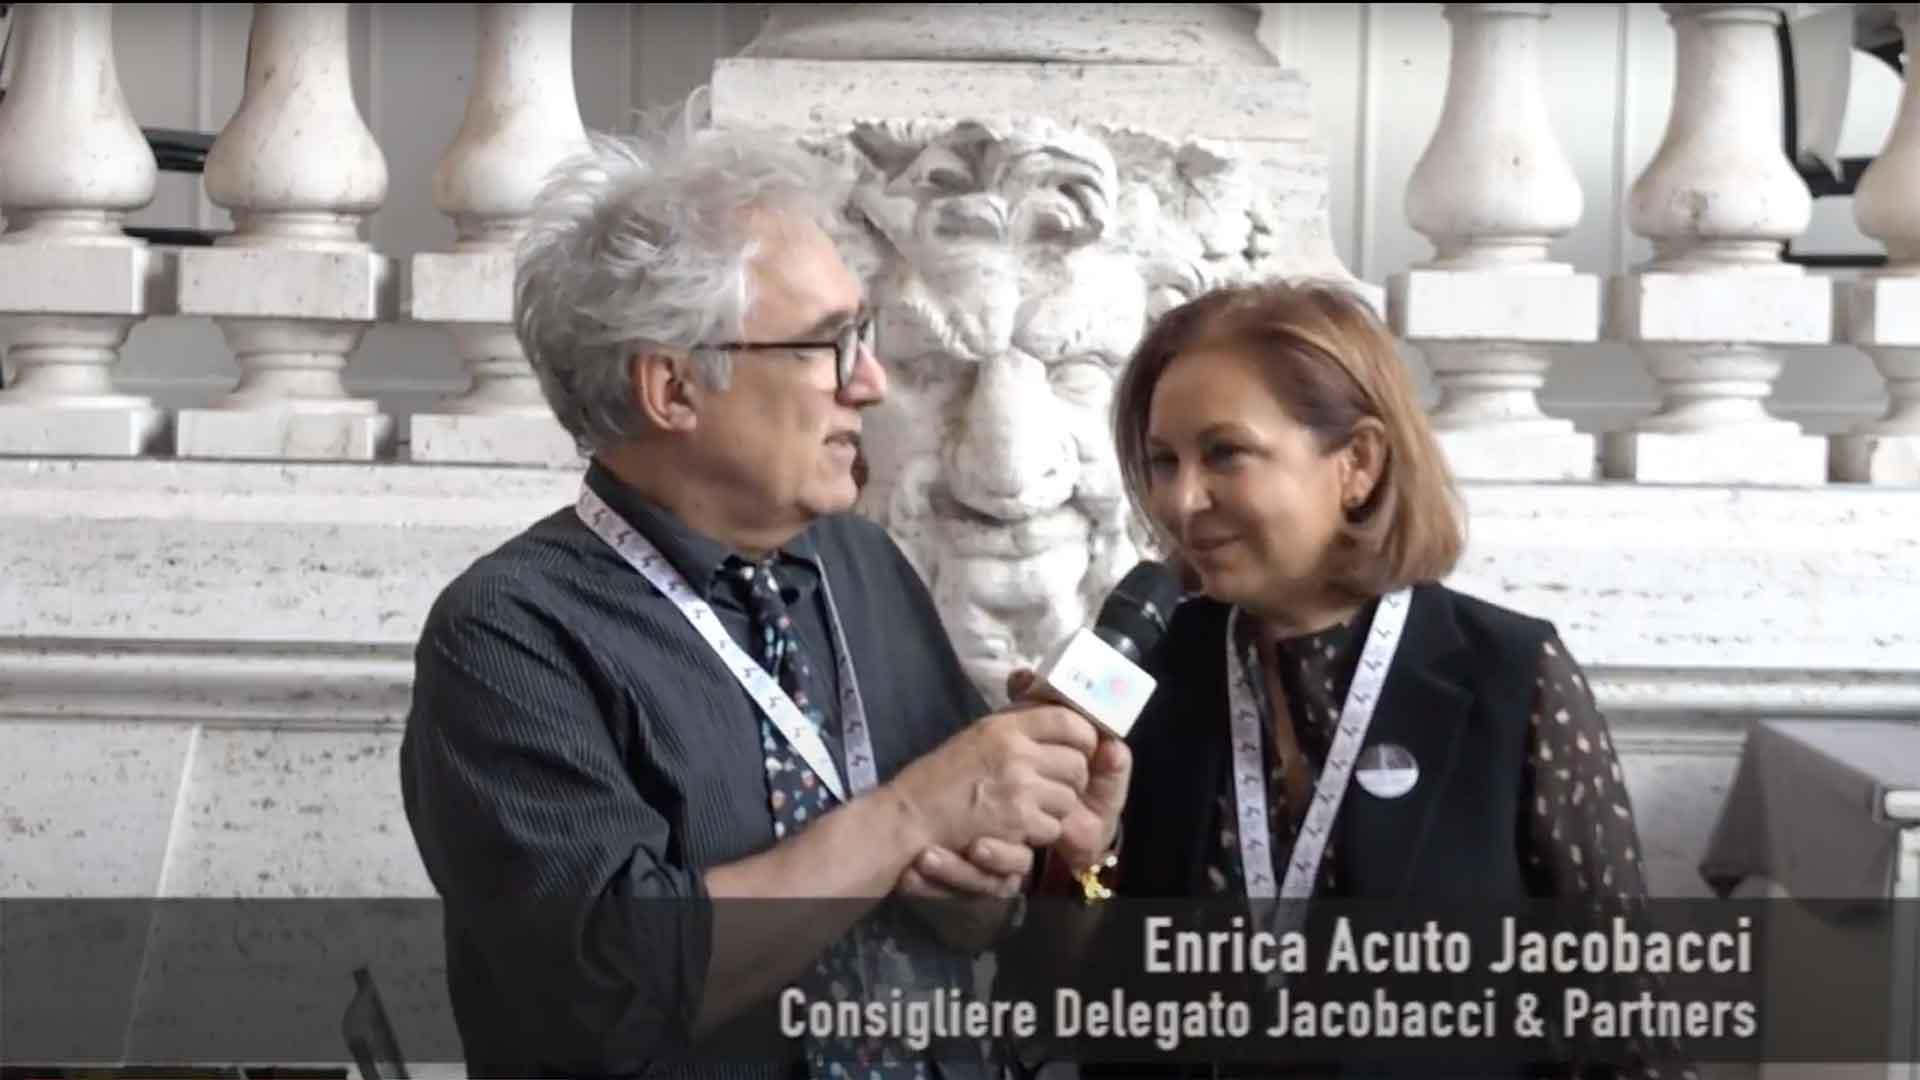 Intervento-Enrica-Acuto-Jacobacci-thumbnail